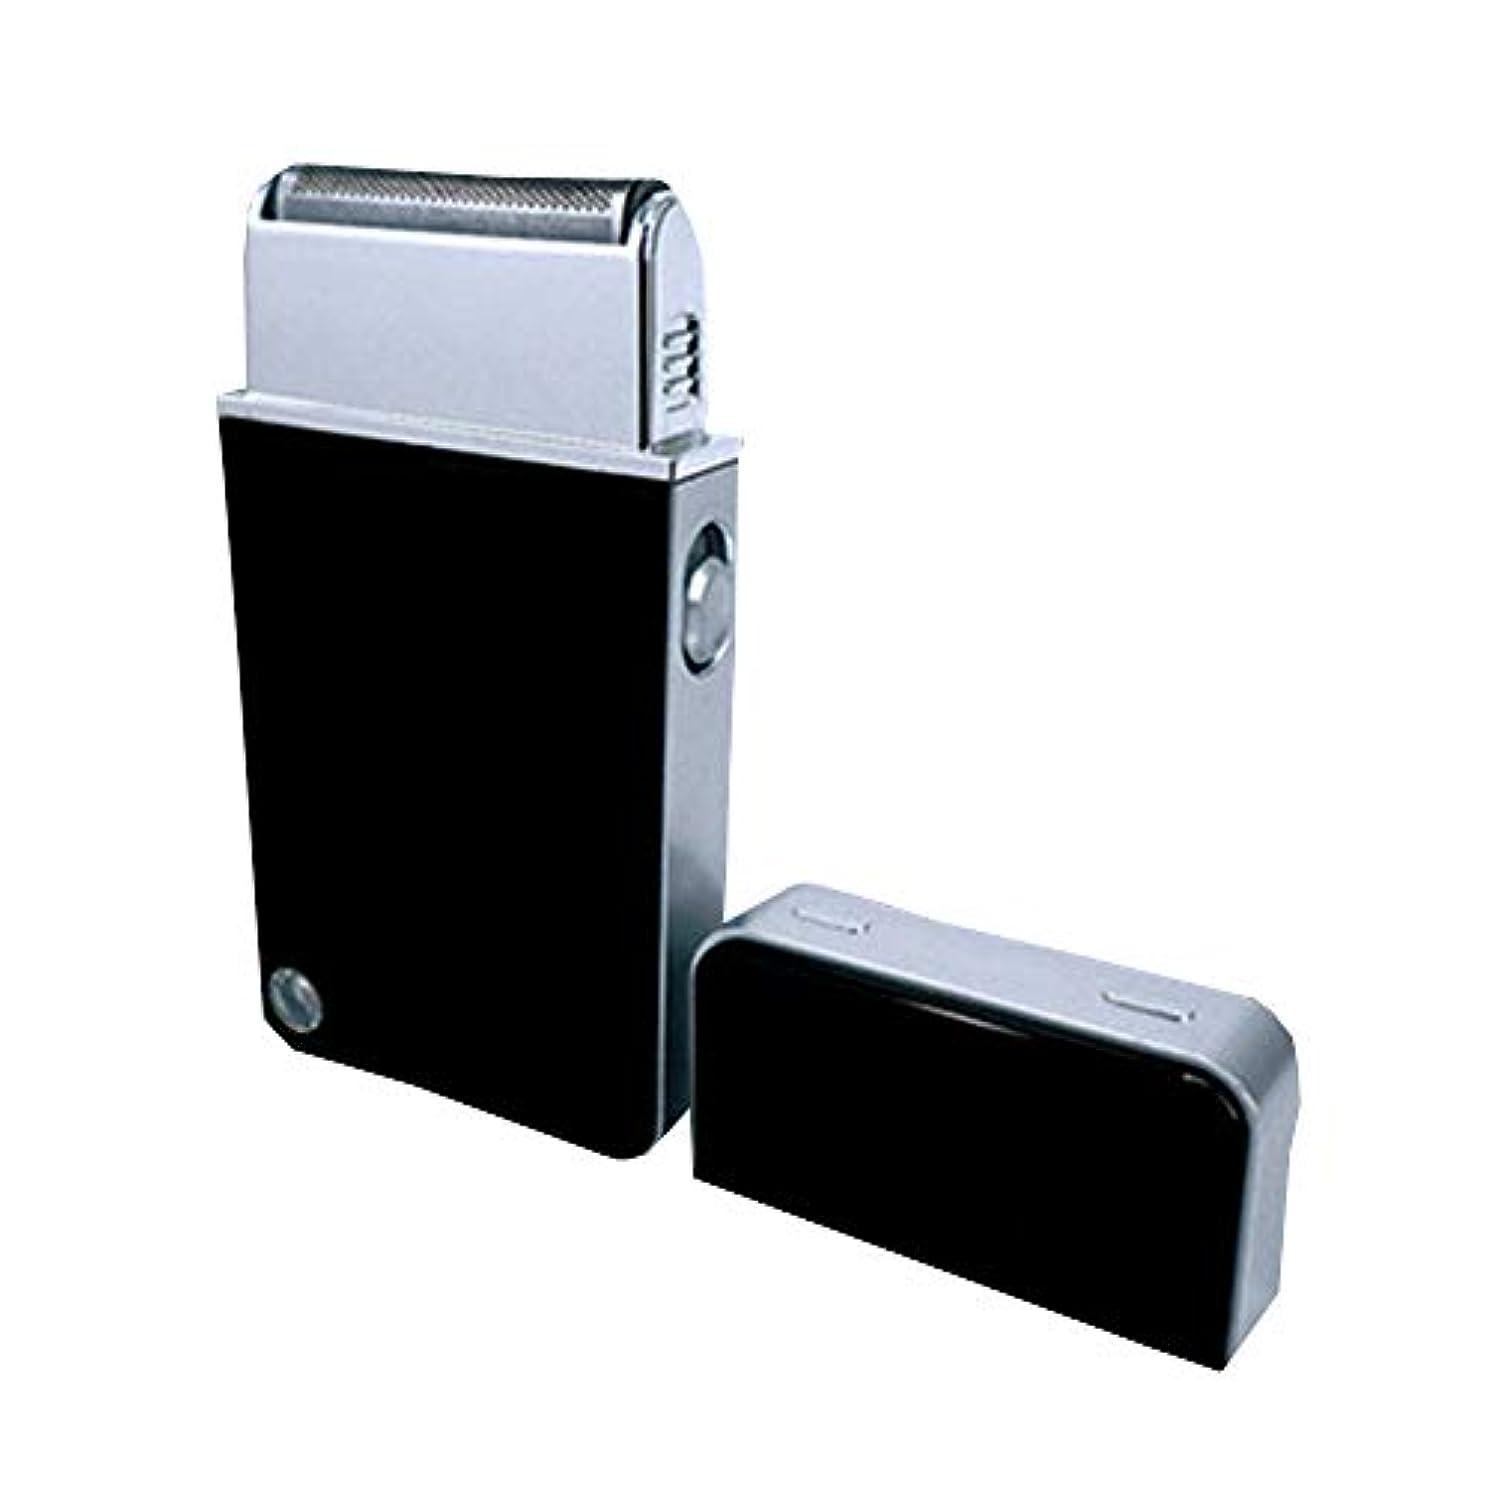 割り込みボタン海上シェーバー メンズ 髭剃り USB充電式 電気シェーバー 男性 電動 旅行用 ひげ剃り ひげそり コンパクト